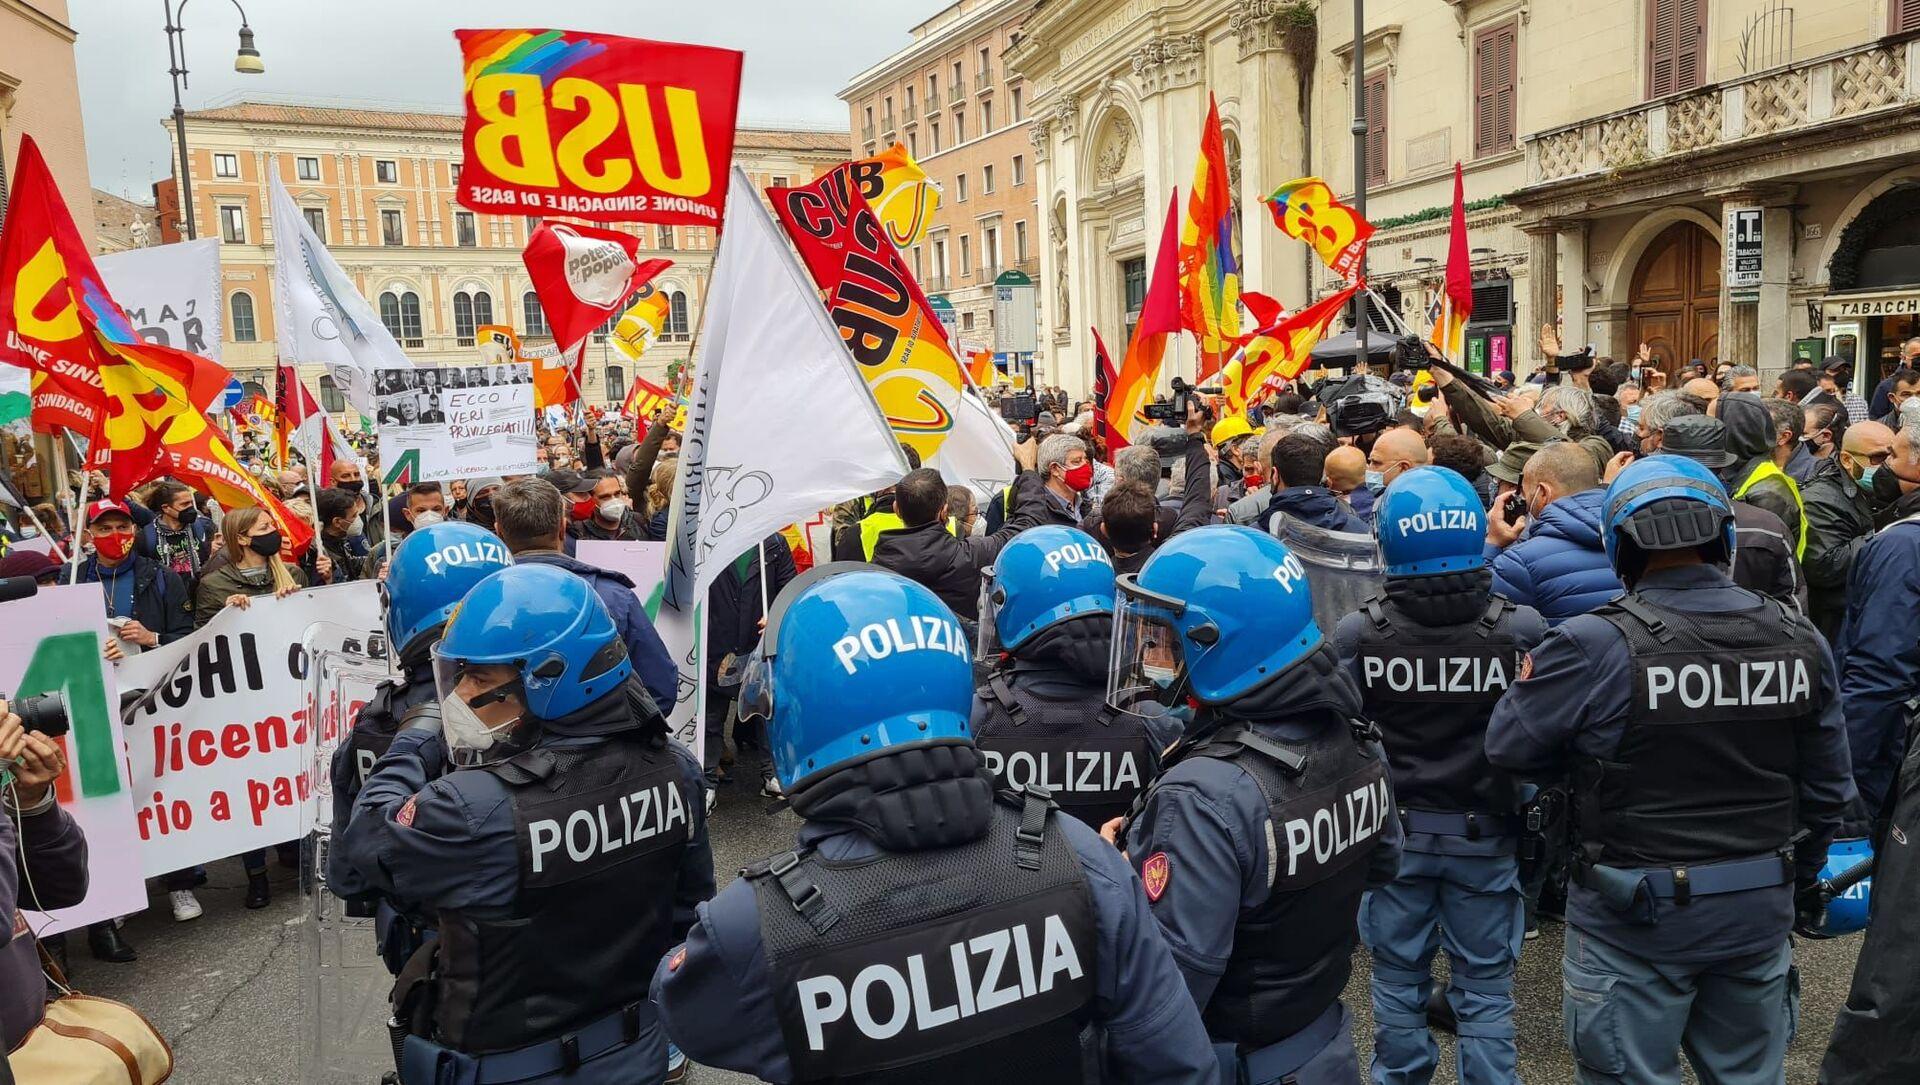 Tensioni con la polizia durante la manifestazione dei lavoratori Alitalia a Roma - Sputnik Italia, 1920, 28.04.2021